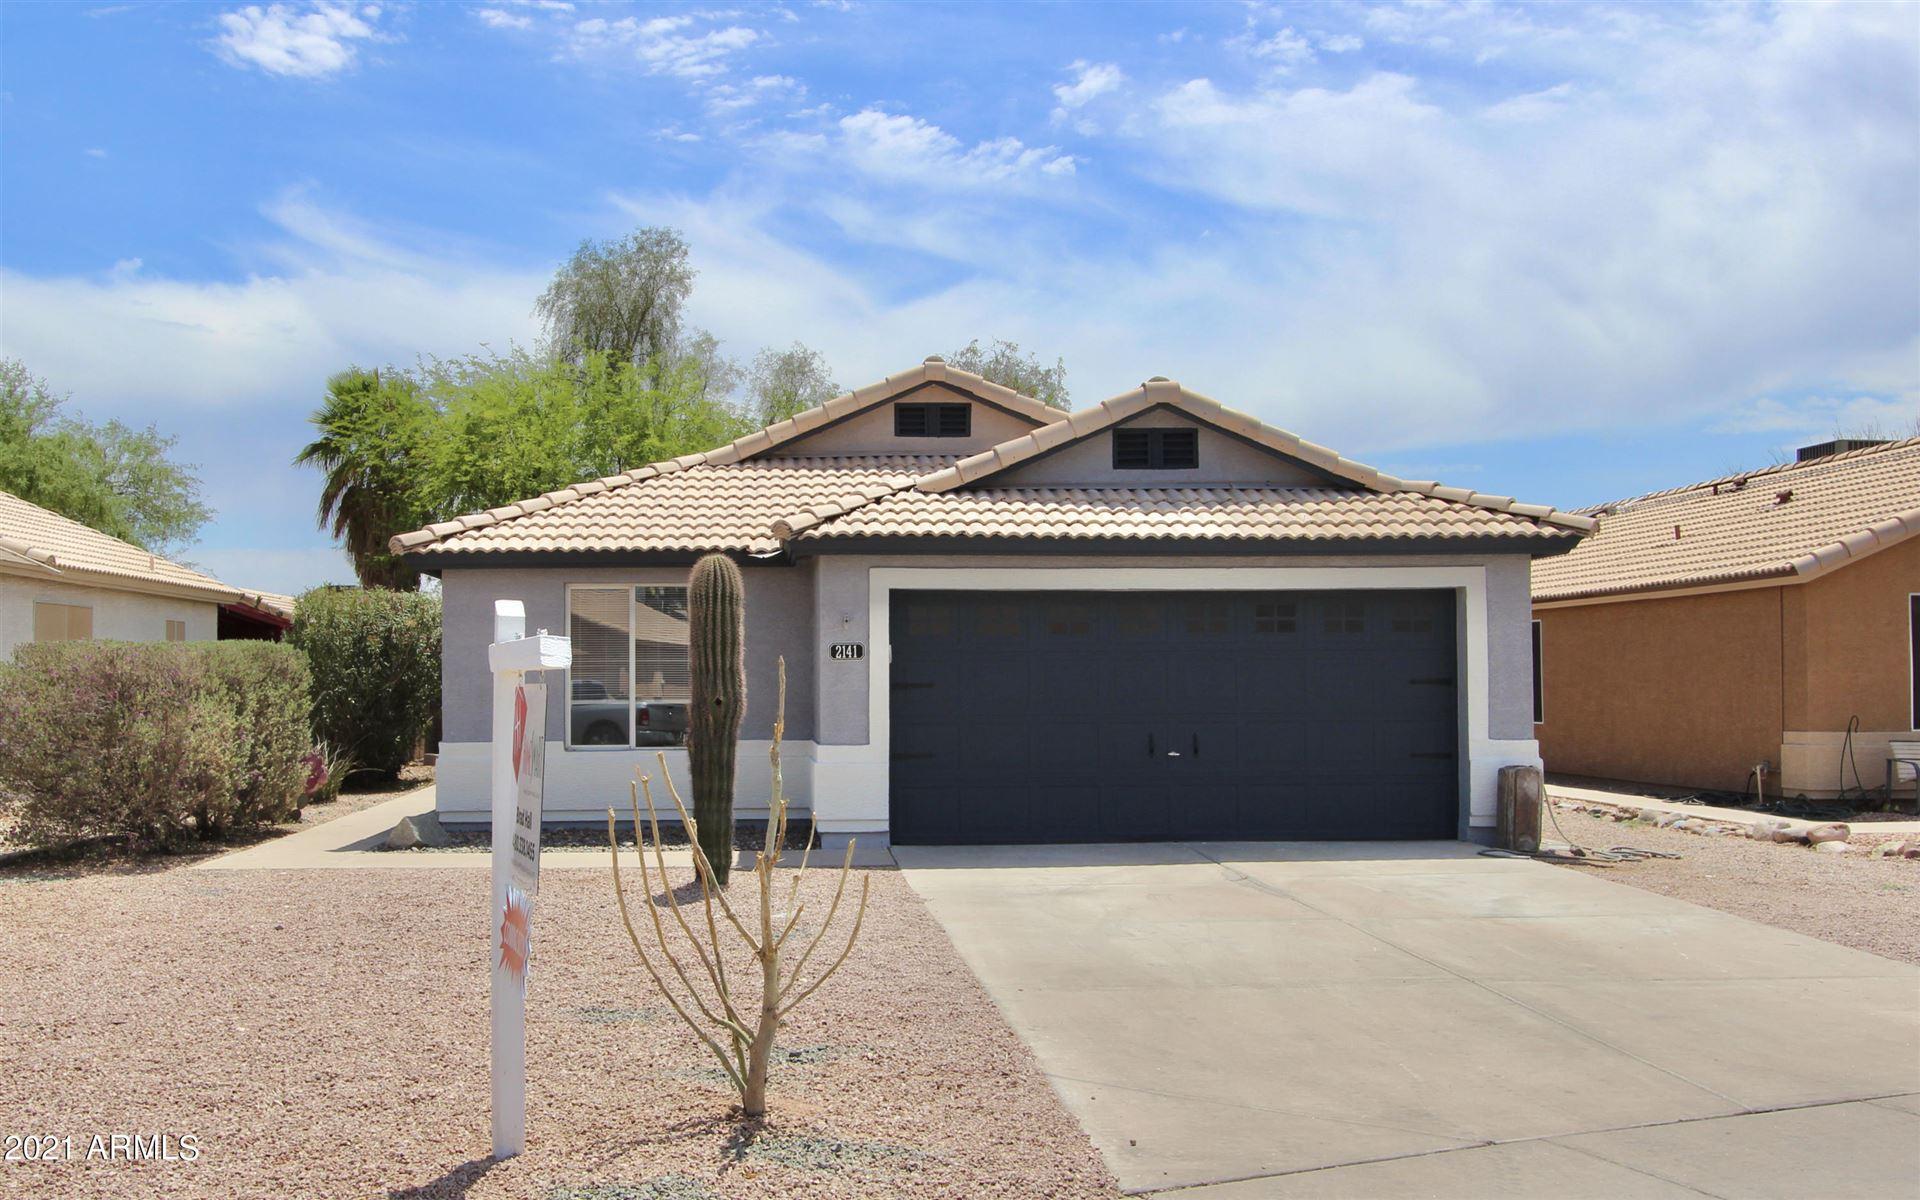 Photo of 2141 W RENAISSANCE Avenue, Apache Junction, AZ 85120 (MLS # 6246288)